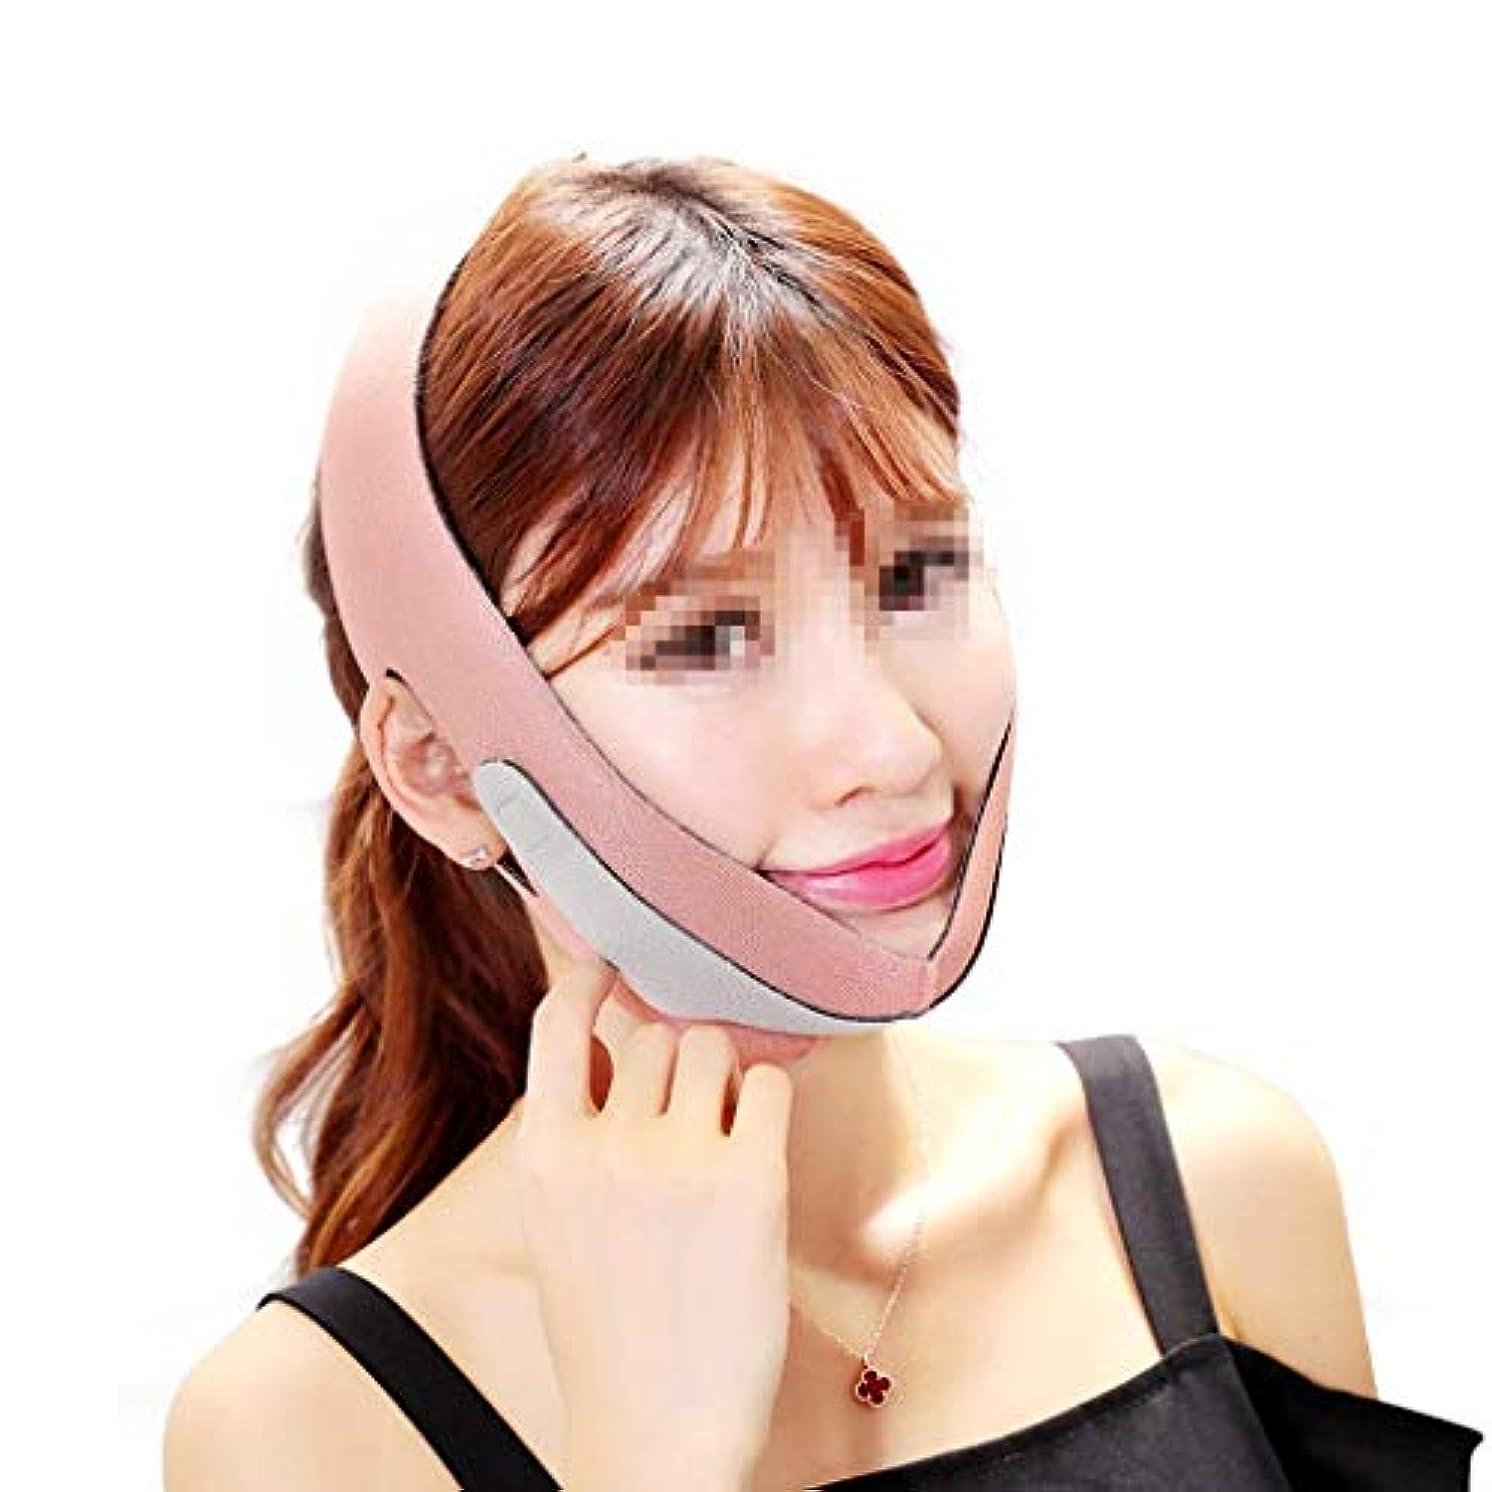 抜け目のない病者貸すフェイスリフトマスク、スモールVフェイススリープバンデージマスク薄いダブルチンリフトファーミングスキン